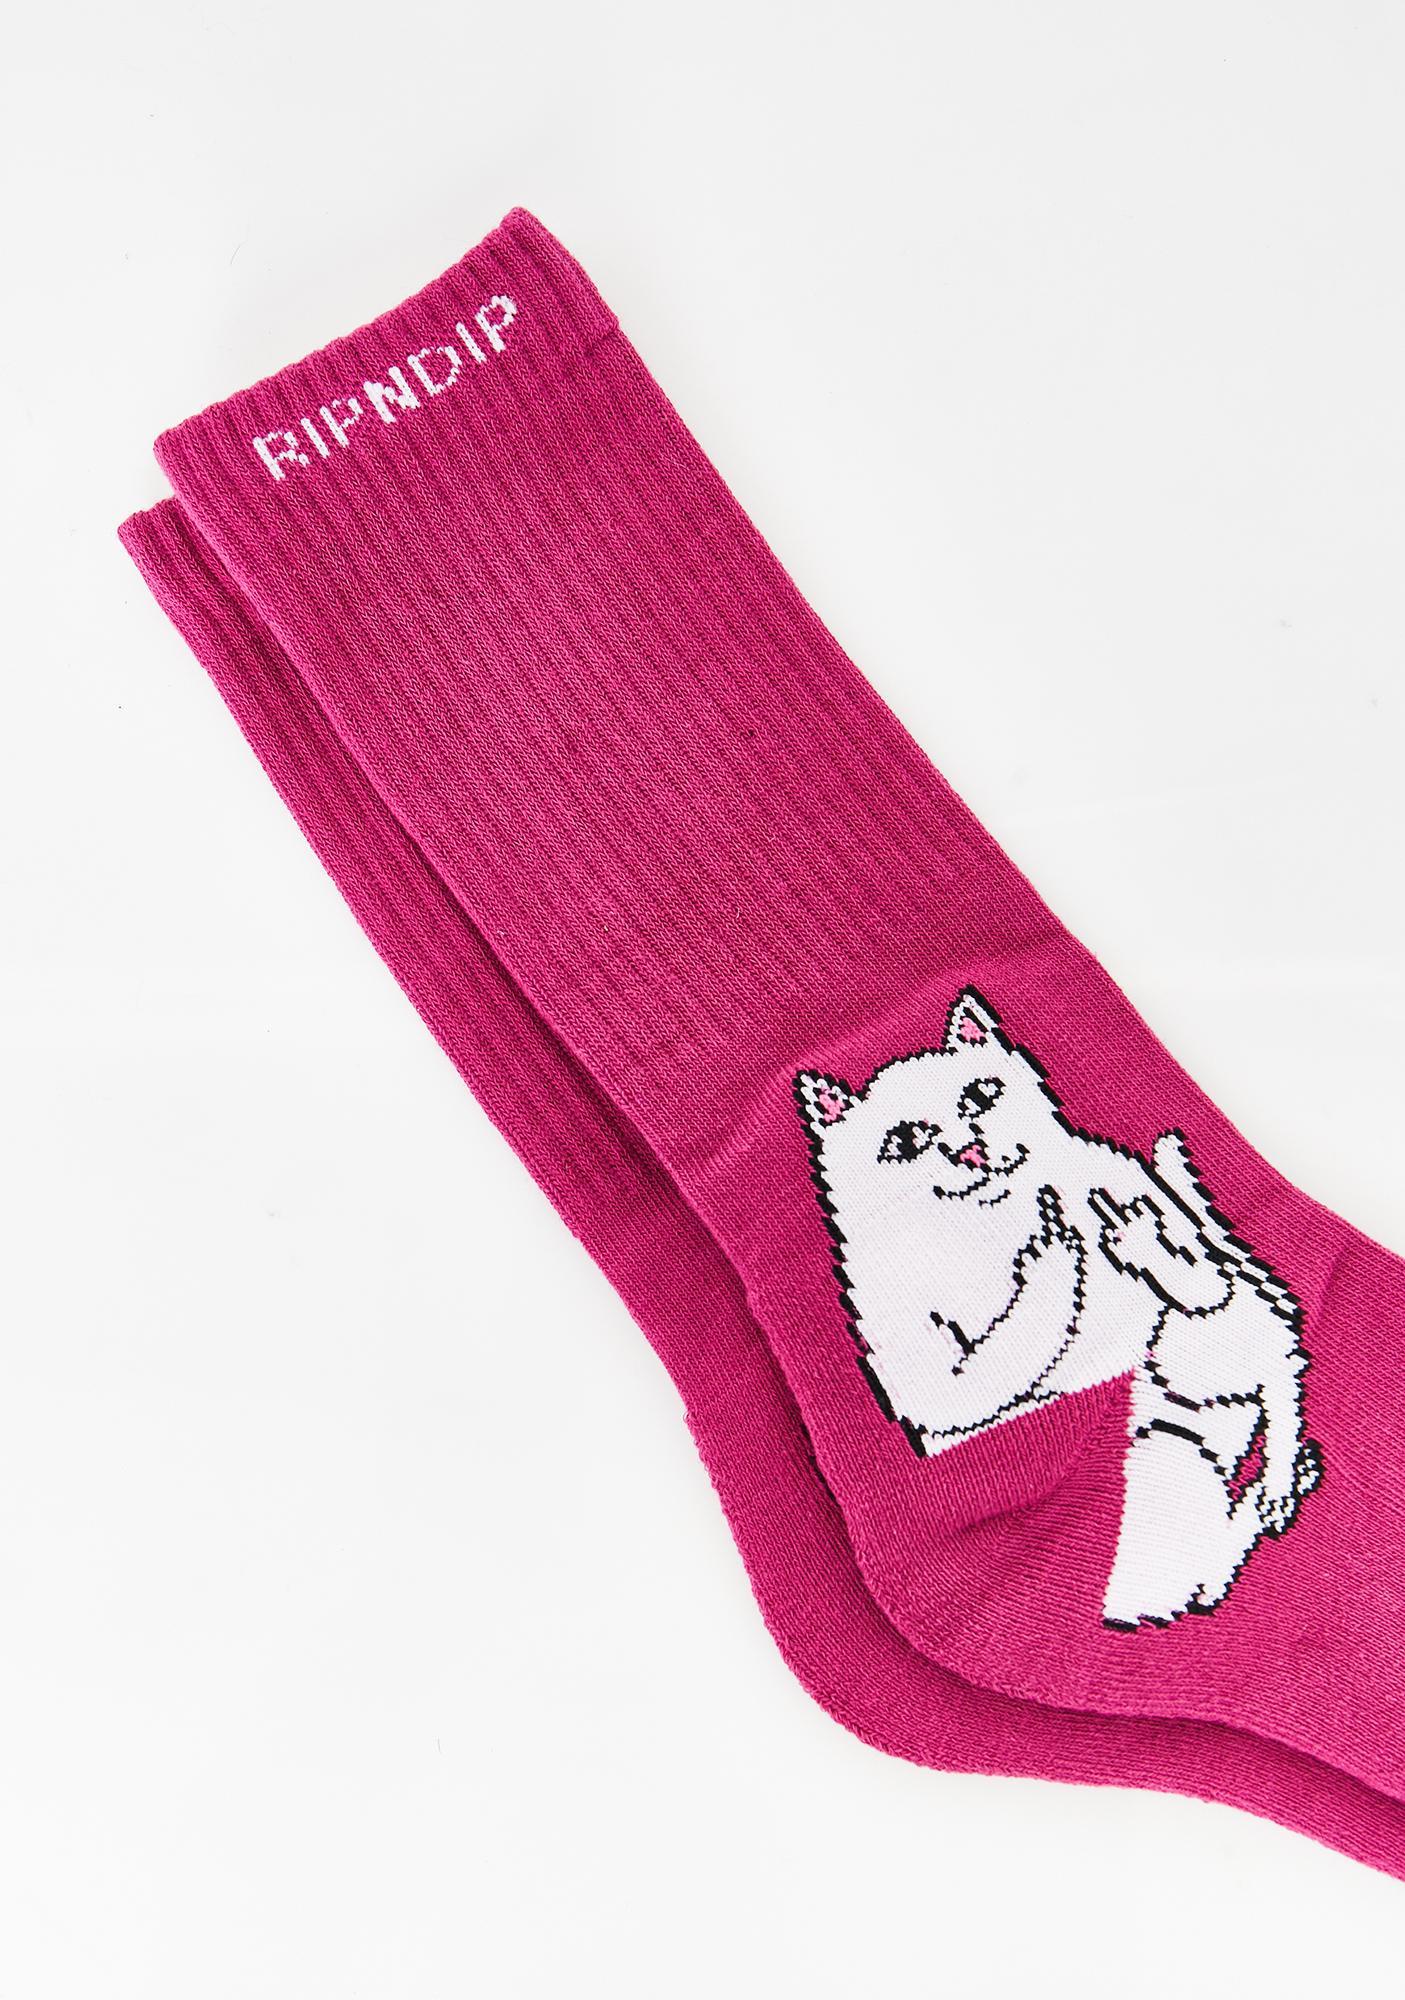 RIPNDIP Litty Lord Nermal Socks